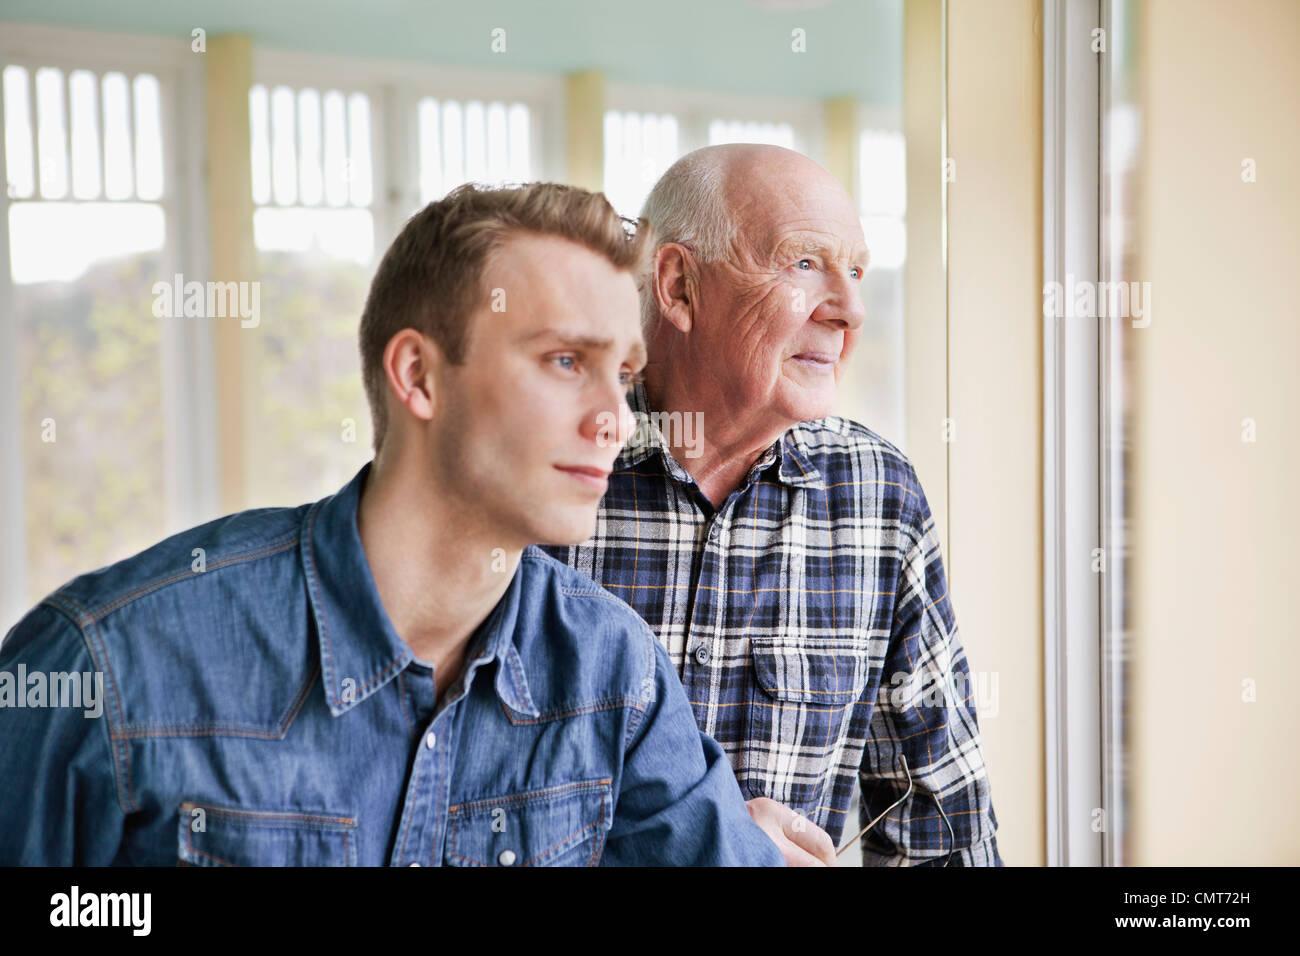 Personnes âgées et plus jeune homme à la fenêtre par l'intermédiaire de Photo Stock